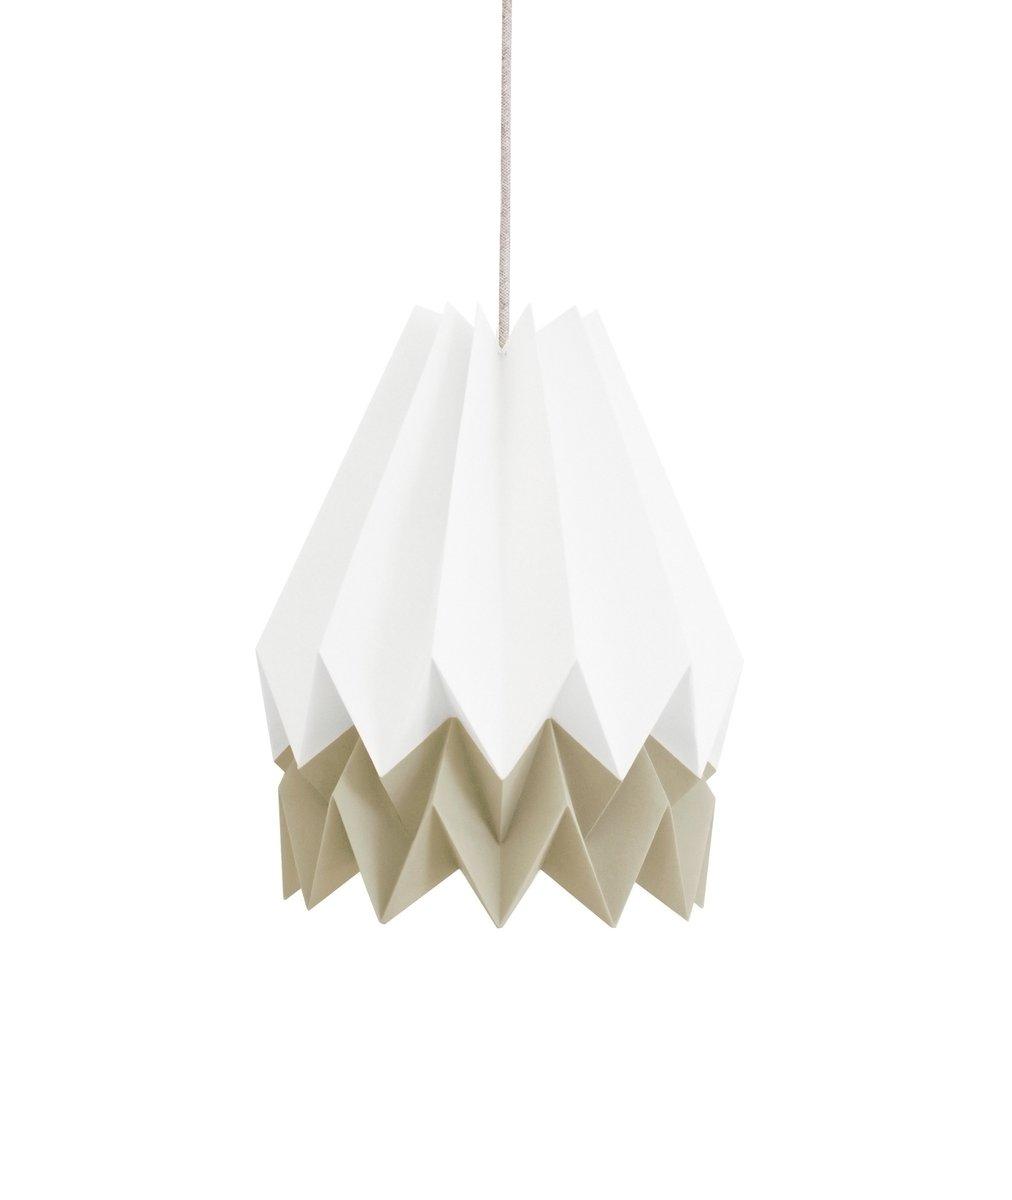 Polarweiße Origami Lampe mit graubraunem Streifen von Orikomi